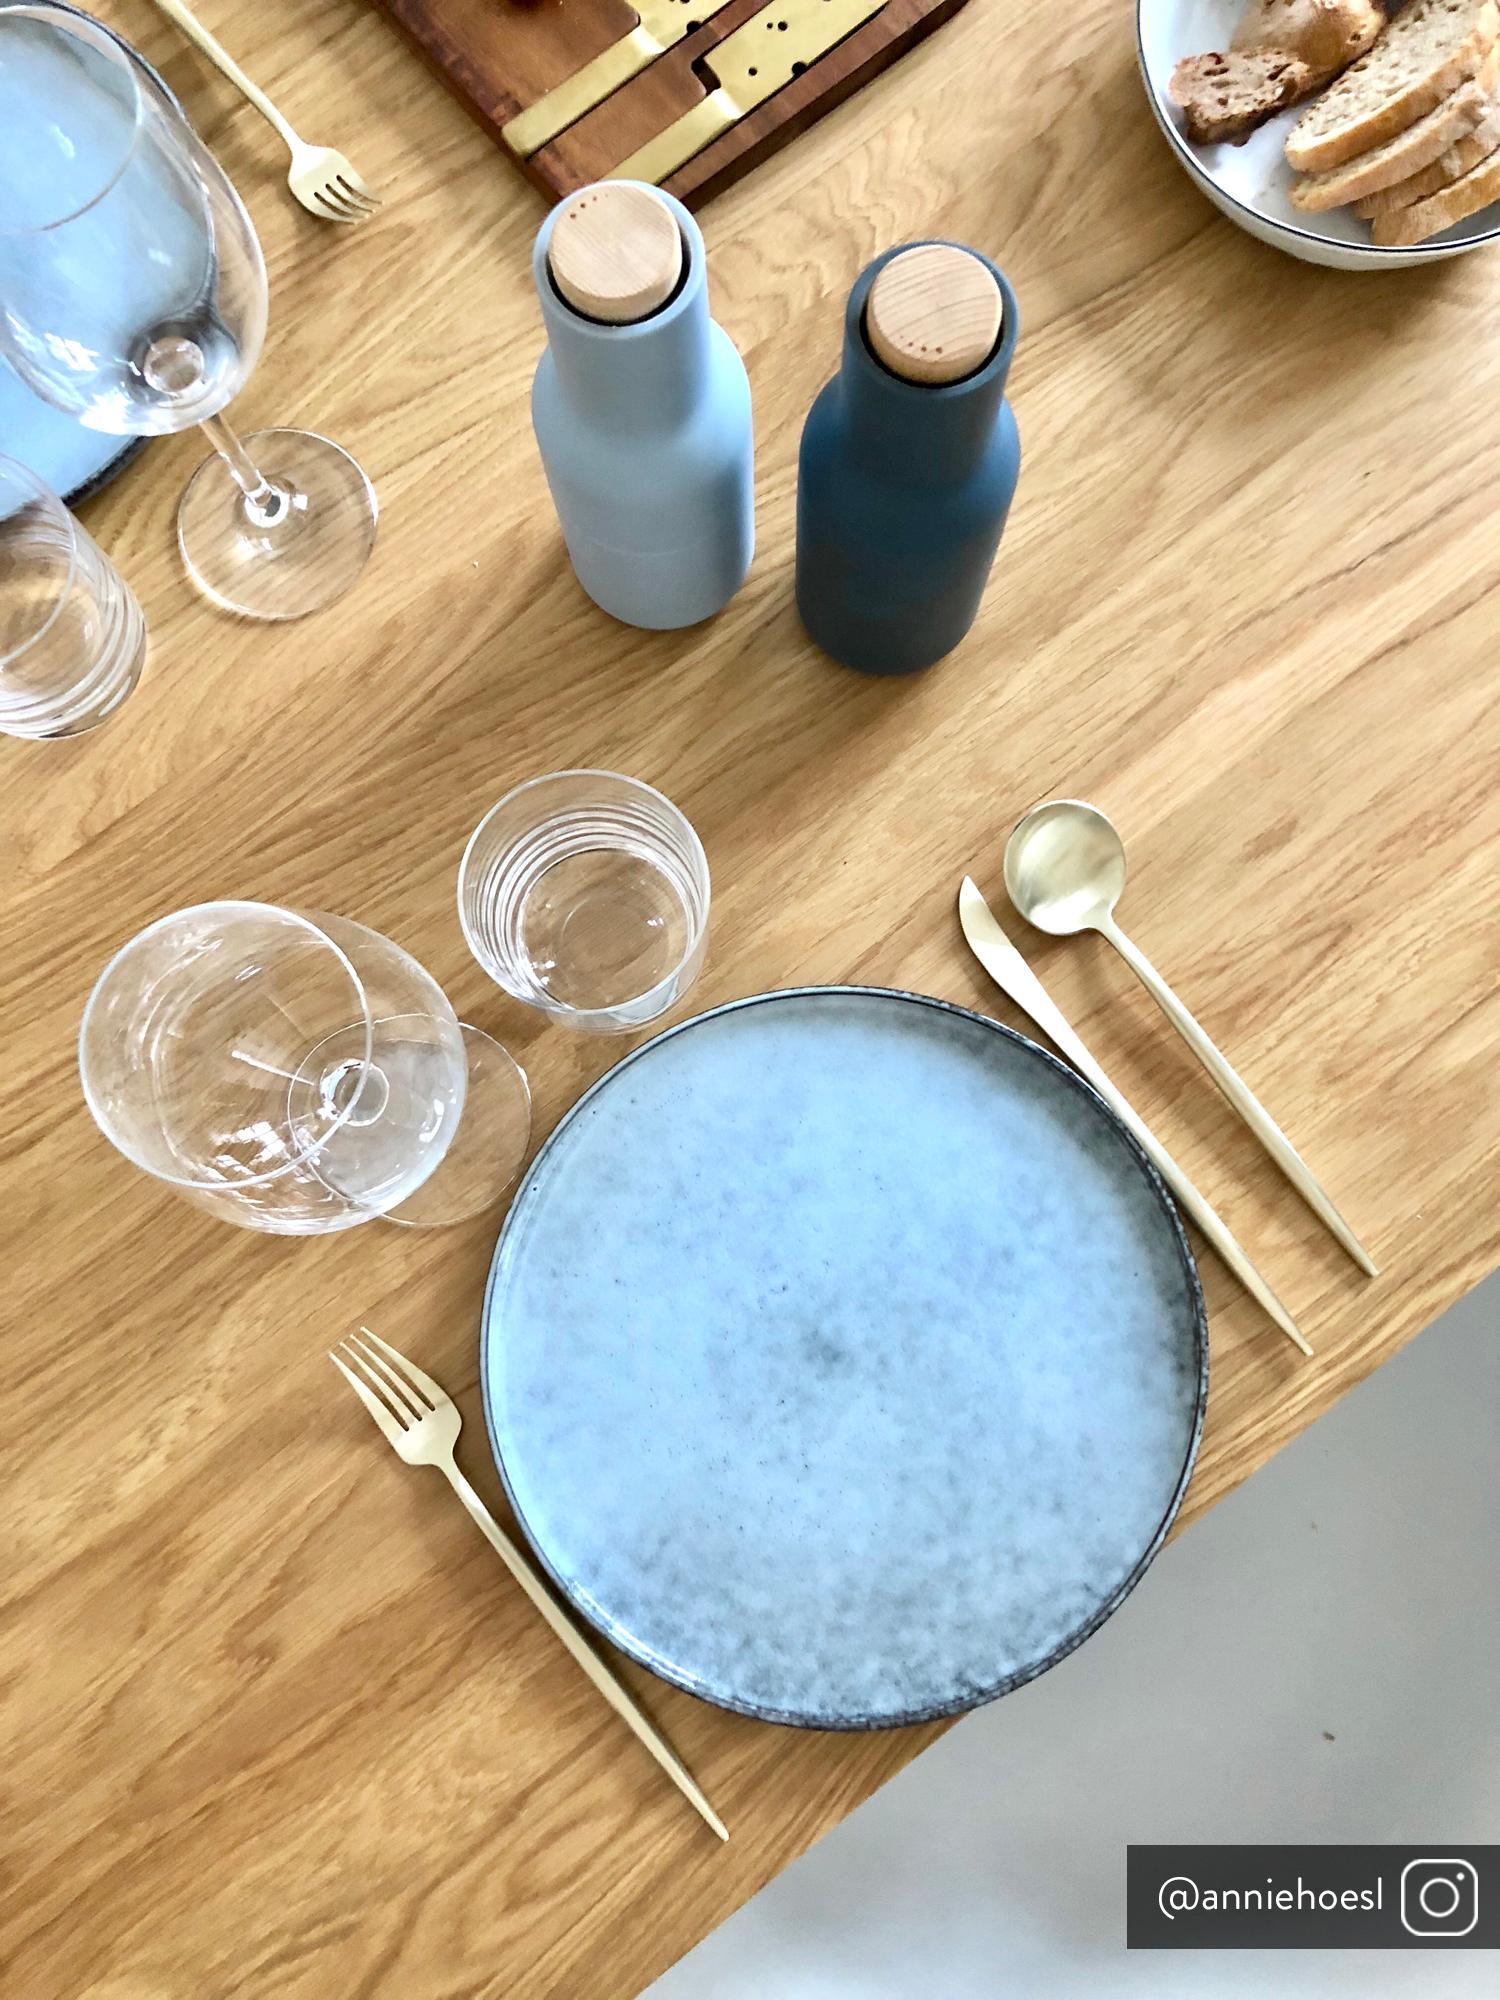 Set 24 posate color champagne opache in acciaio inossidabile in per 6 persone Faina, Acciaio inossidabile 18/0, rivestito, Champagne, opaco, Set in varie misure